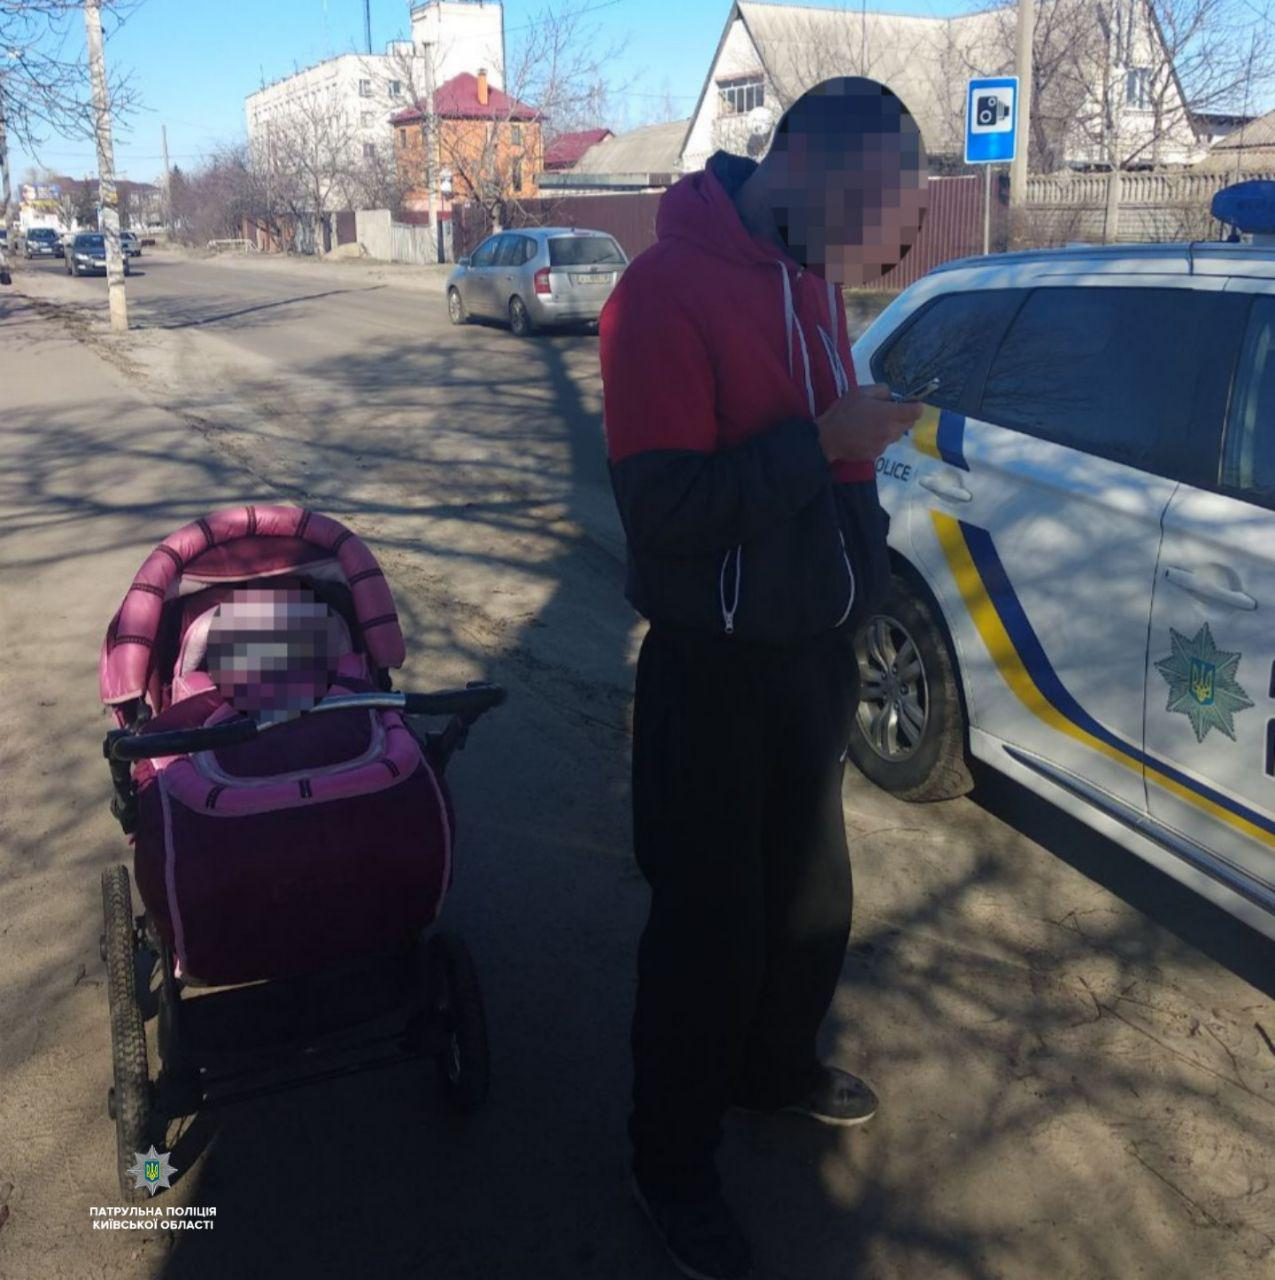 Мужчина довел двухмесячного ребенка до переохлаждения